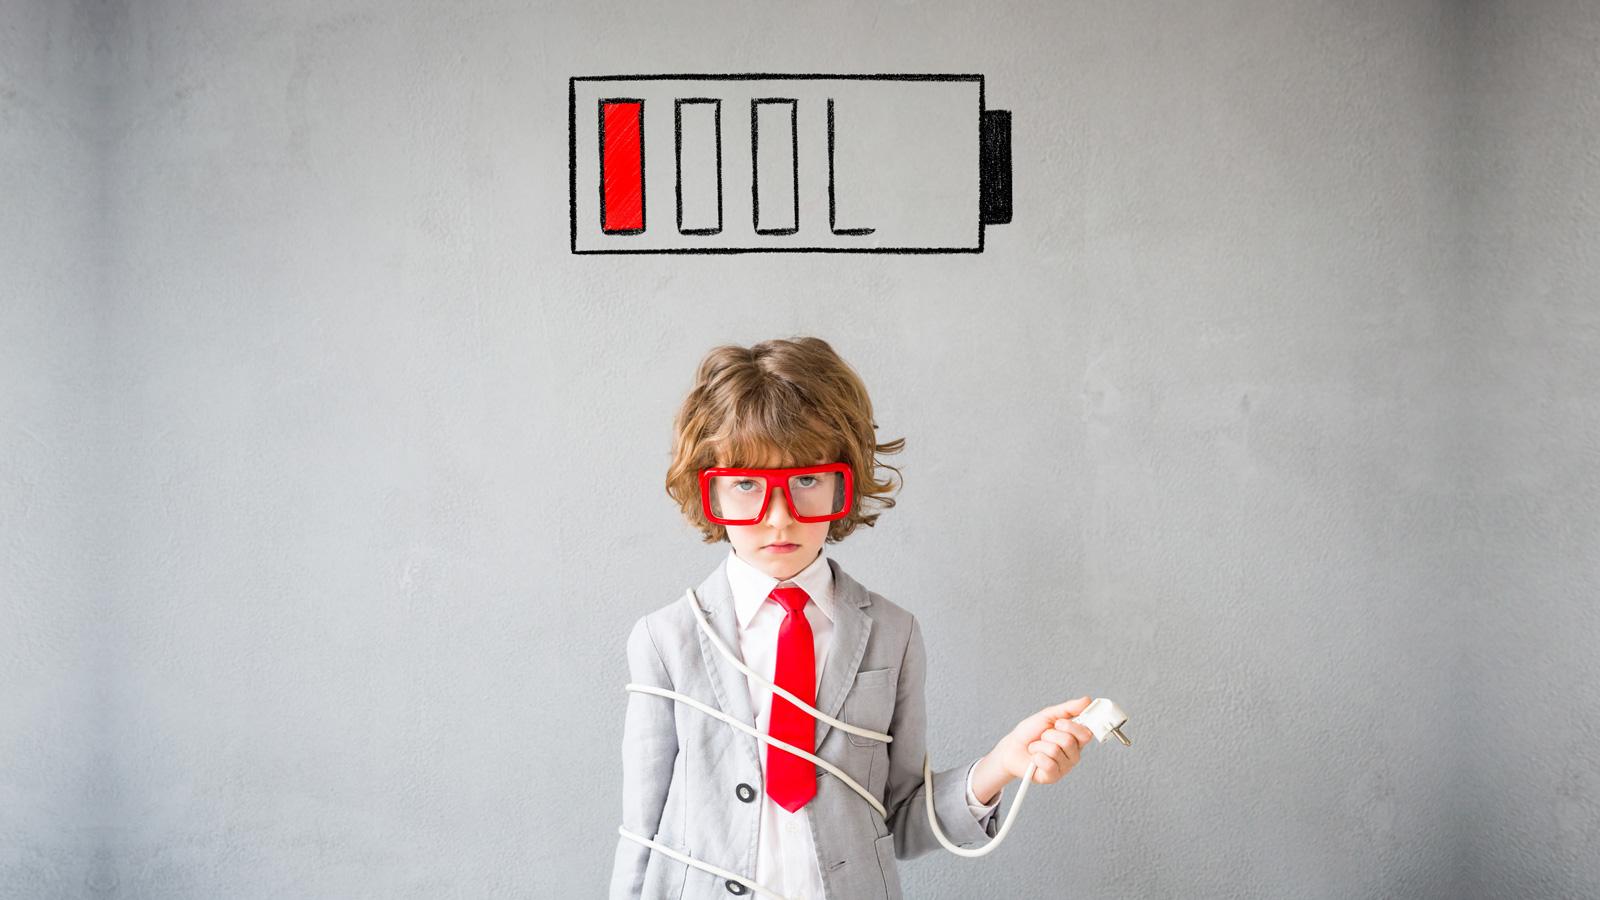 Pandemia a gospodarka, jak źle będzie? Euler Hermes mediarun dziecko businessman low battery 2020